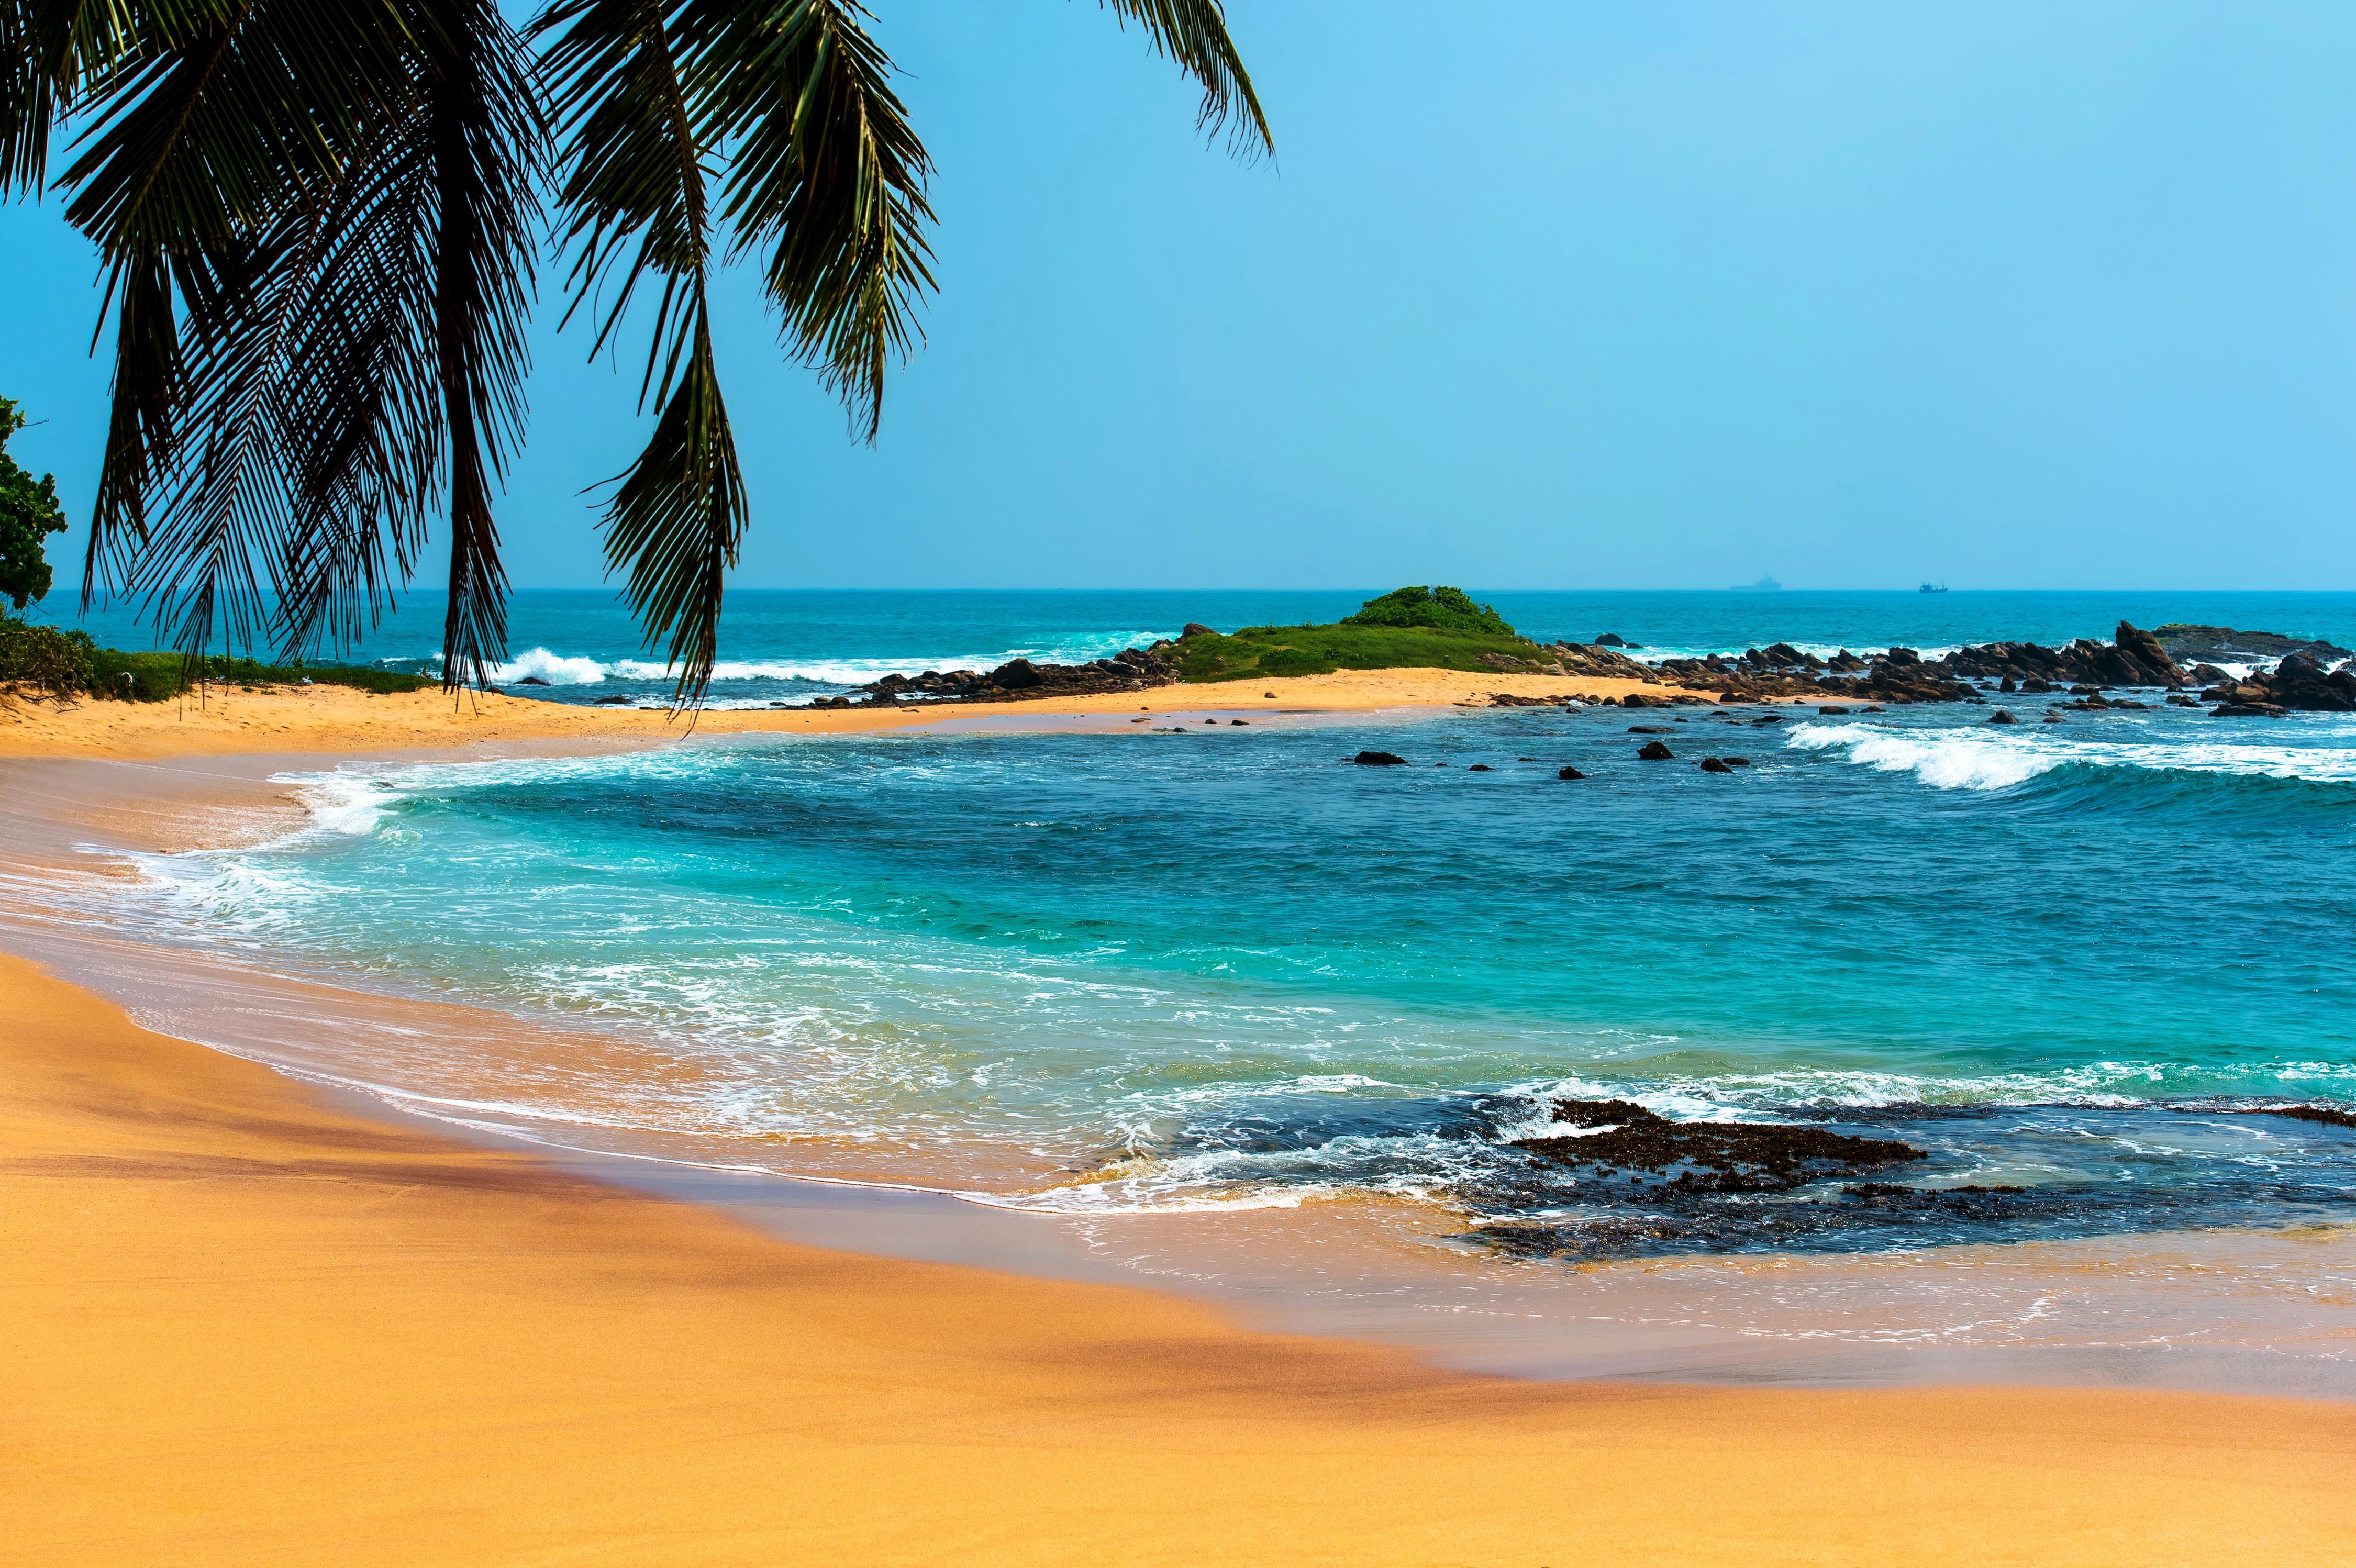 Summer Beach Landscape - HD Wallpaper